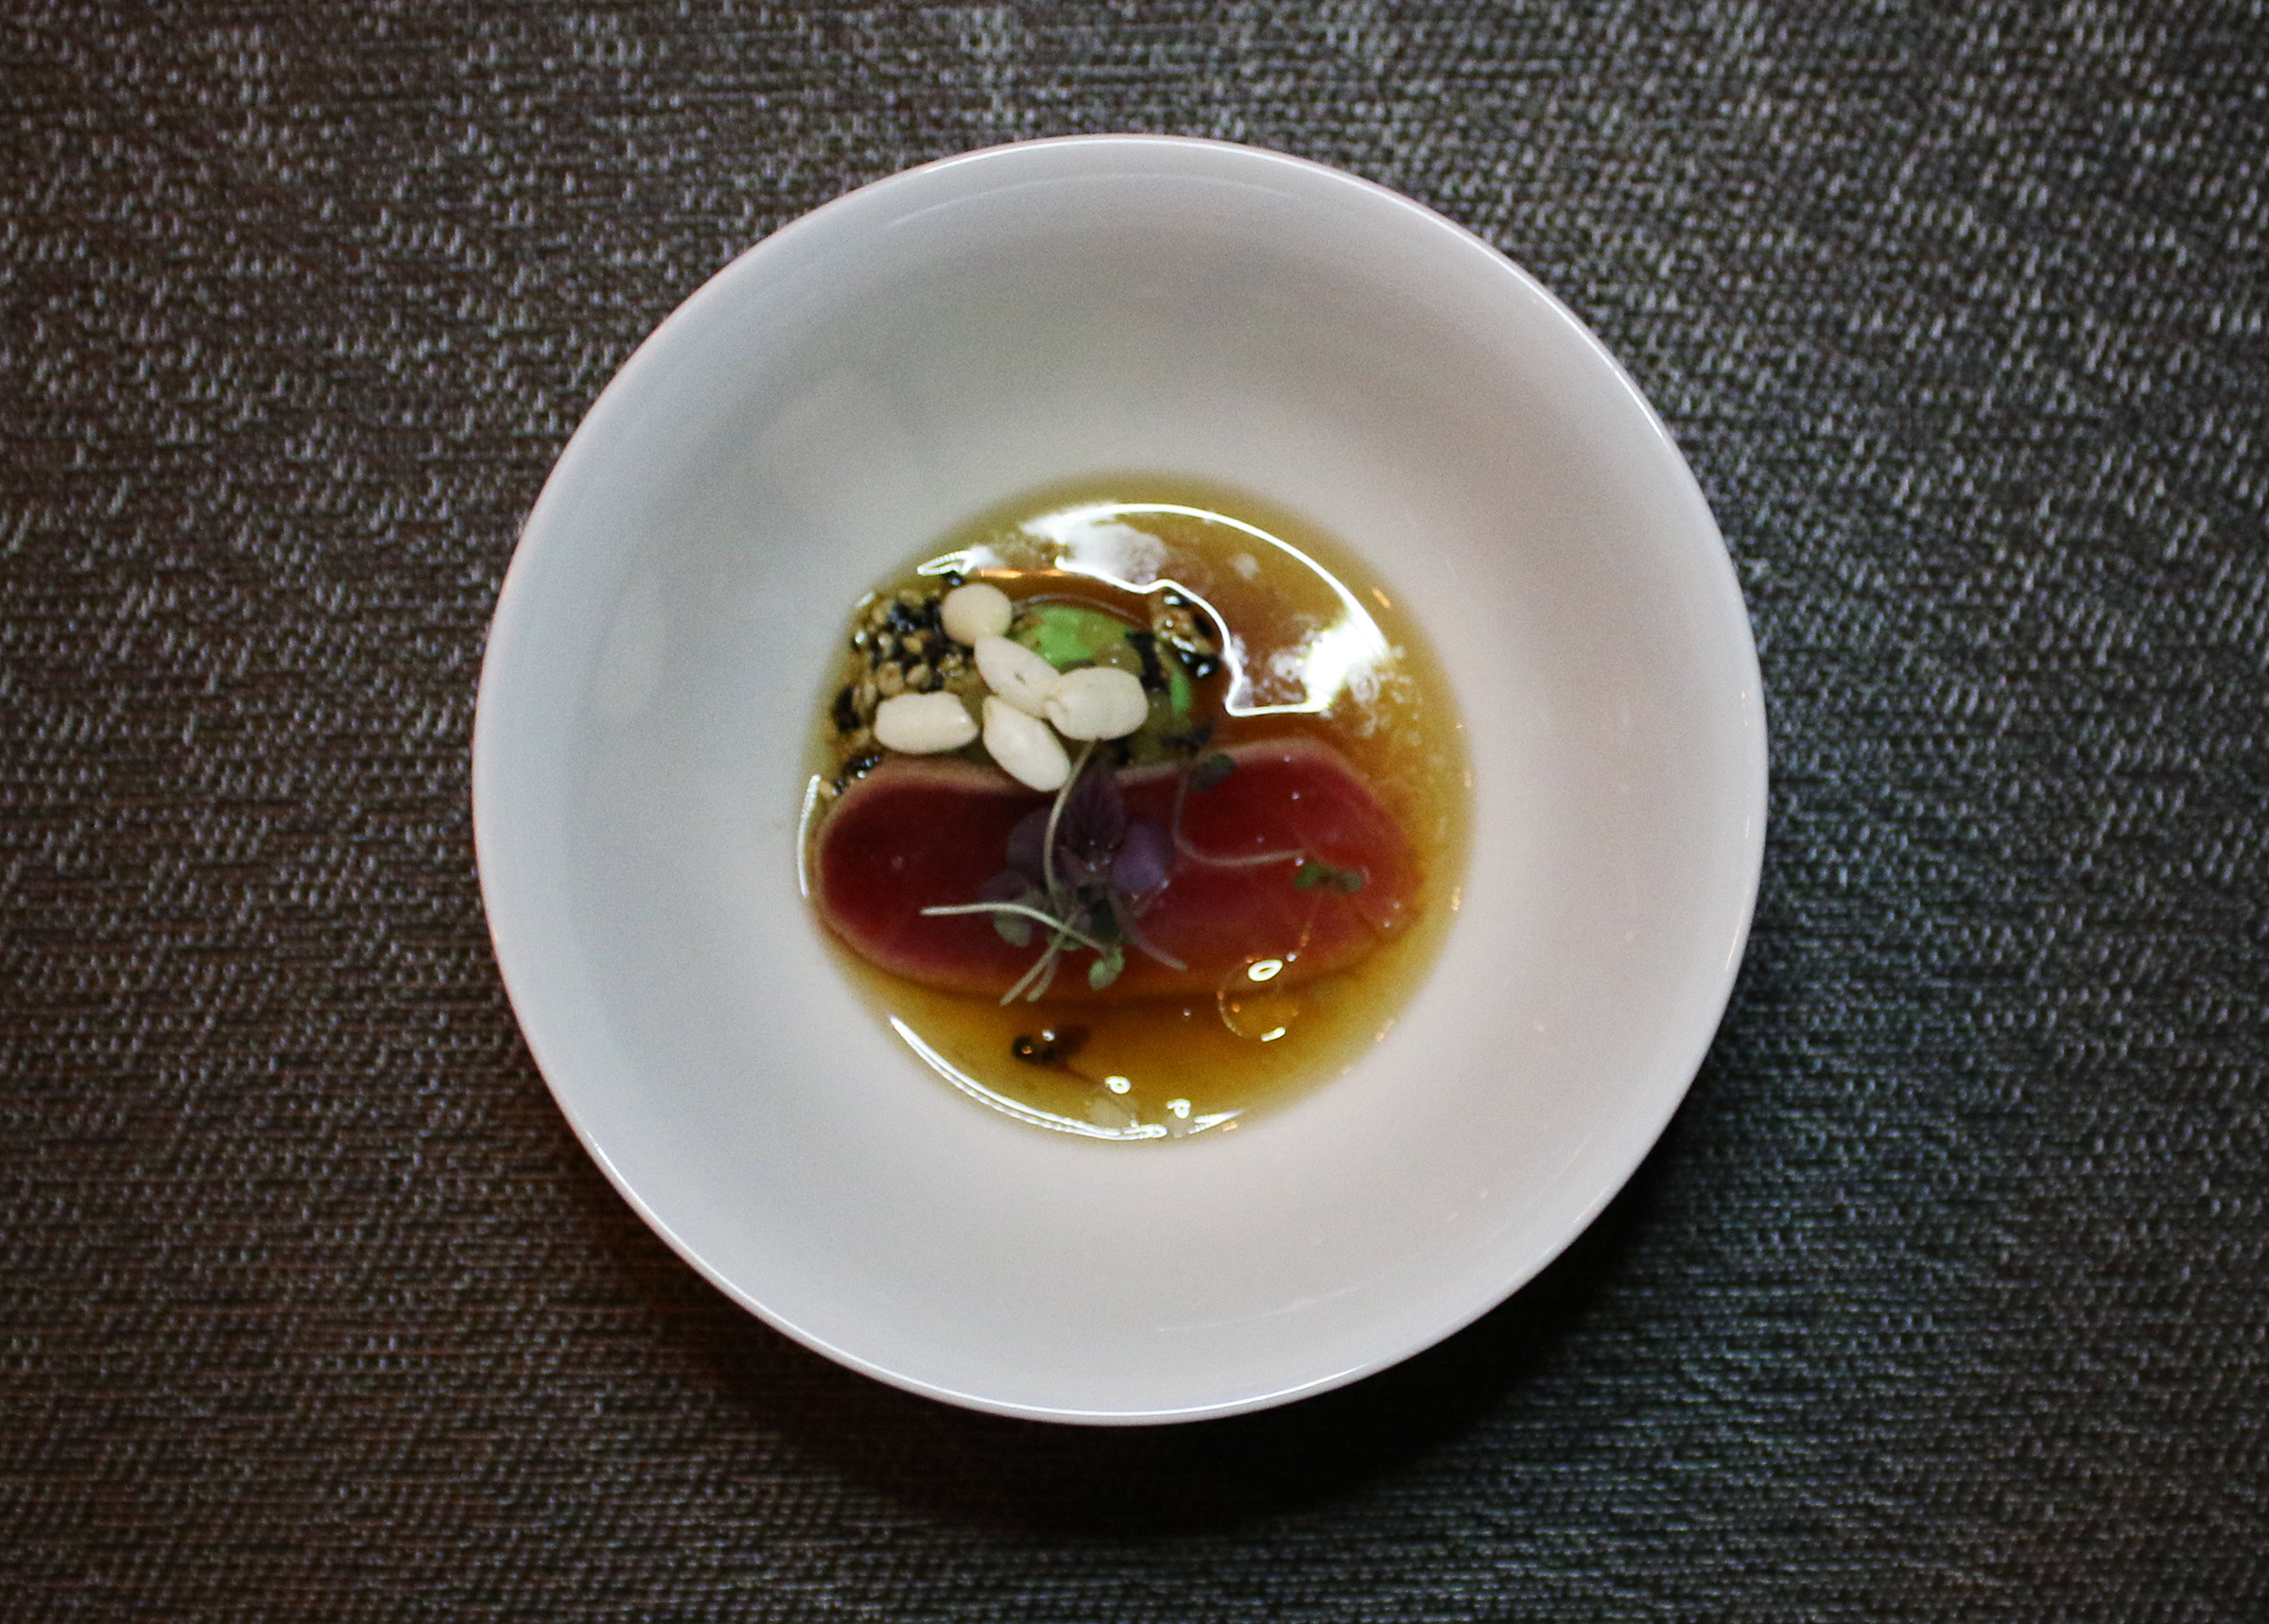 Big Eye Tuna: Baked Avocado, Yuzu Ponzu, Caviar, Smoked Sesame, Red Shiso